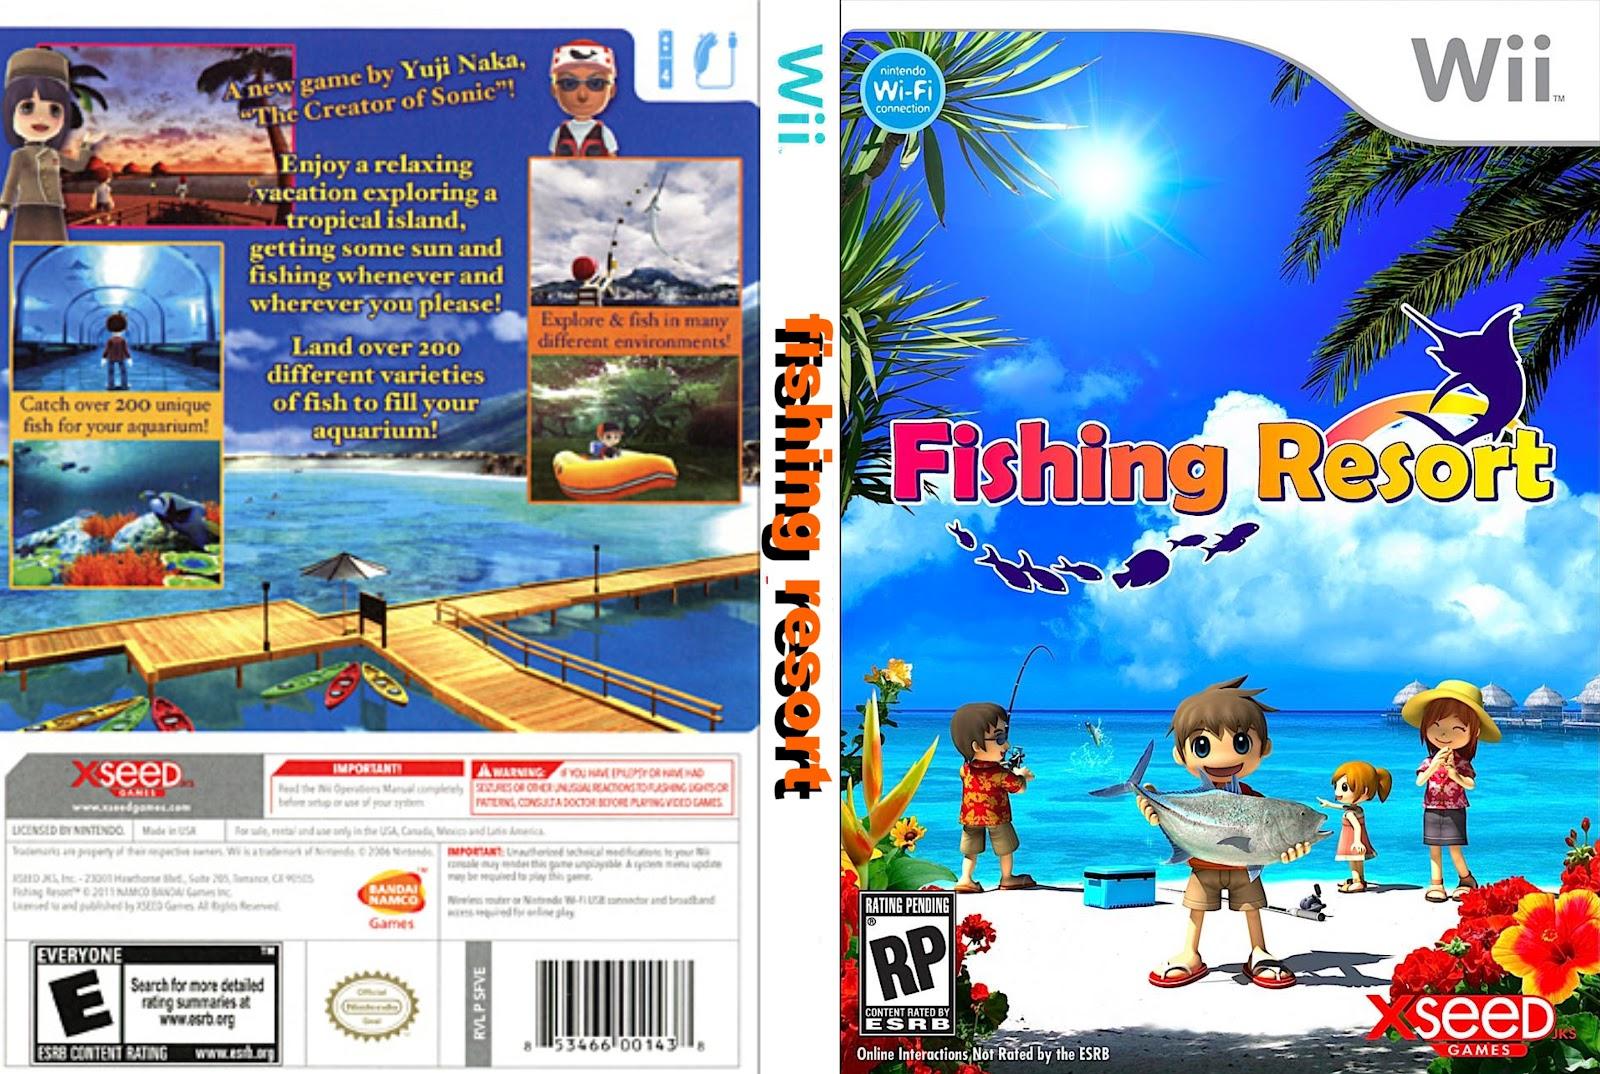 Mma games tu lugar de juegos y peliculas todas las for Fishing resort wii